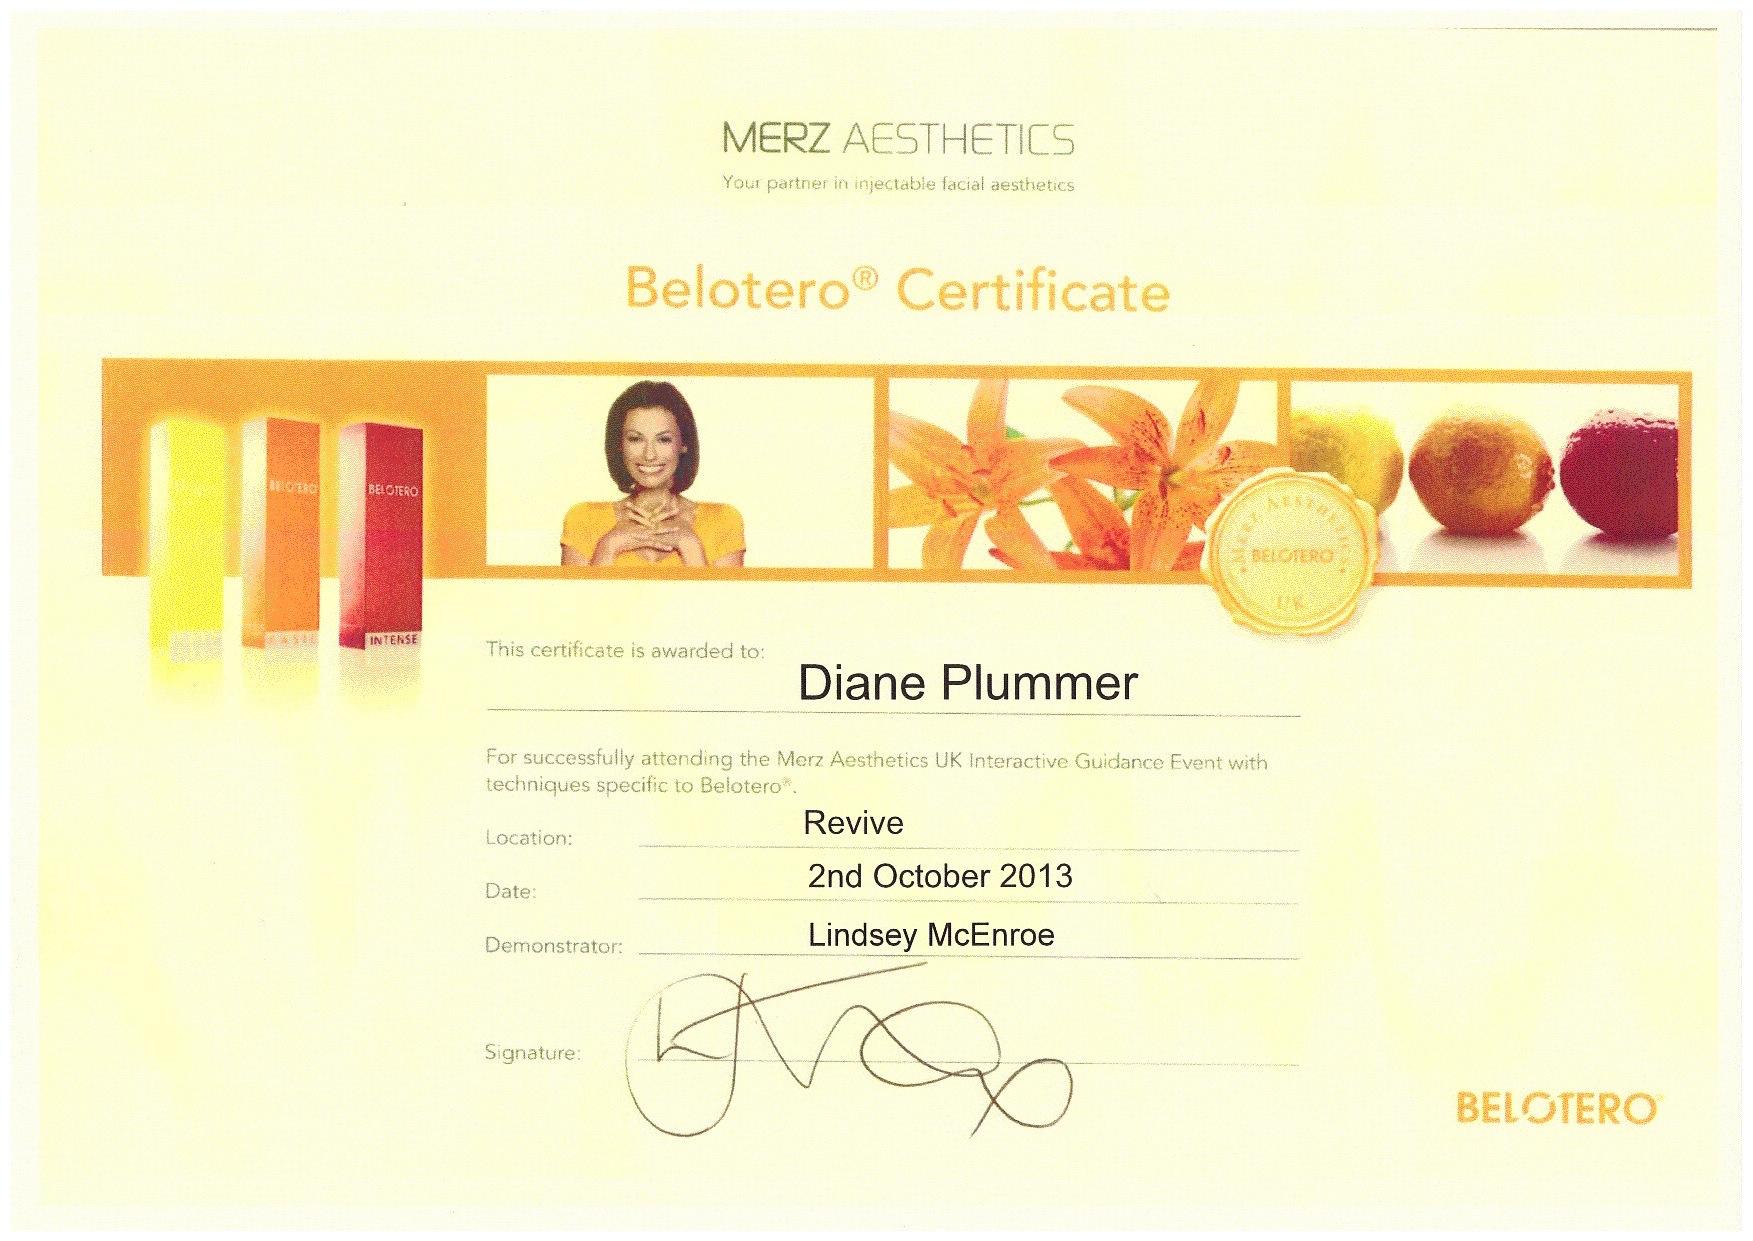 Merz Aesthetics - Belotero certification